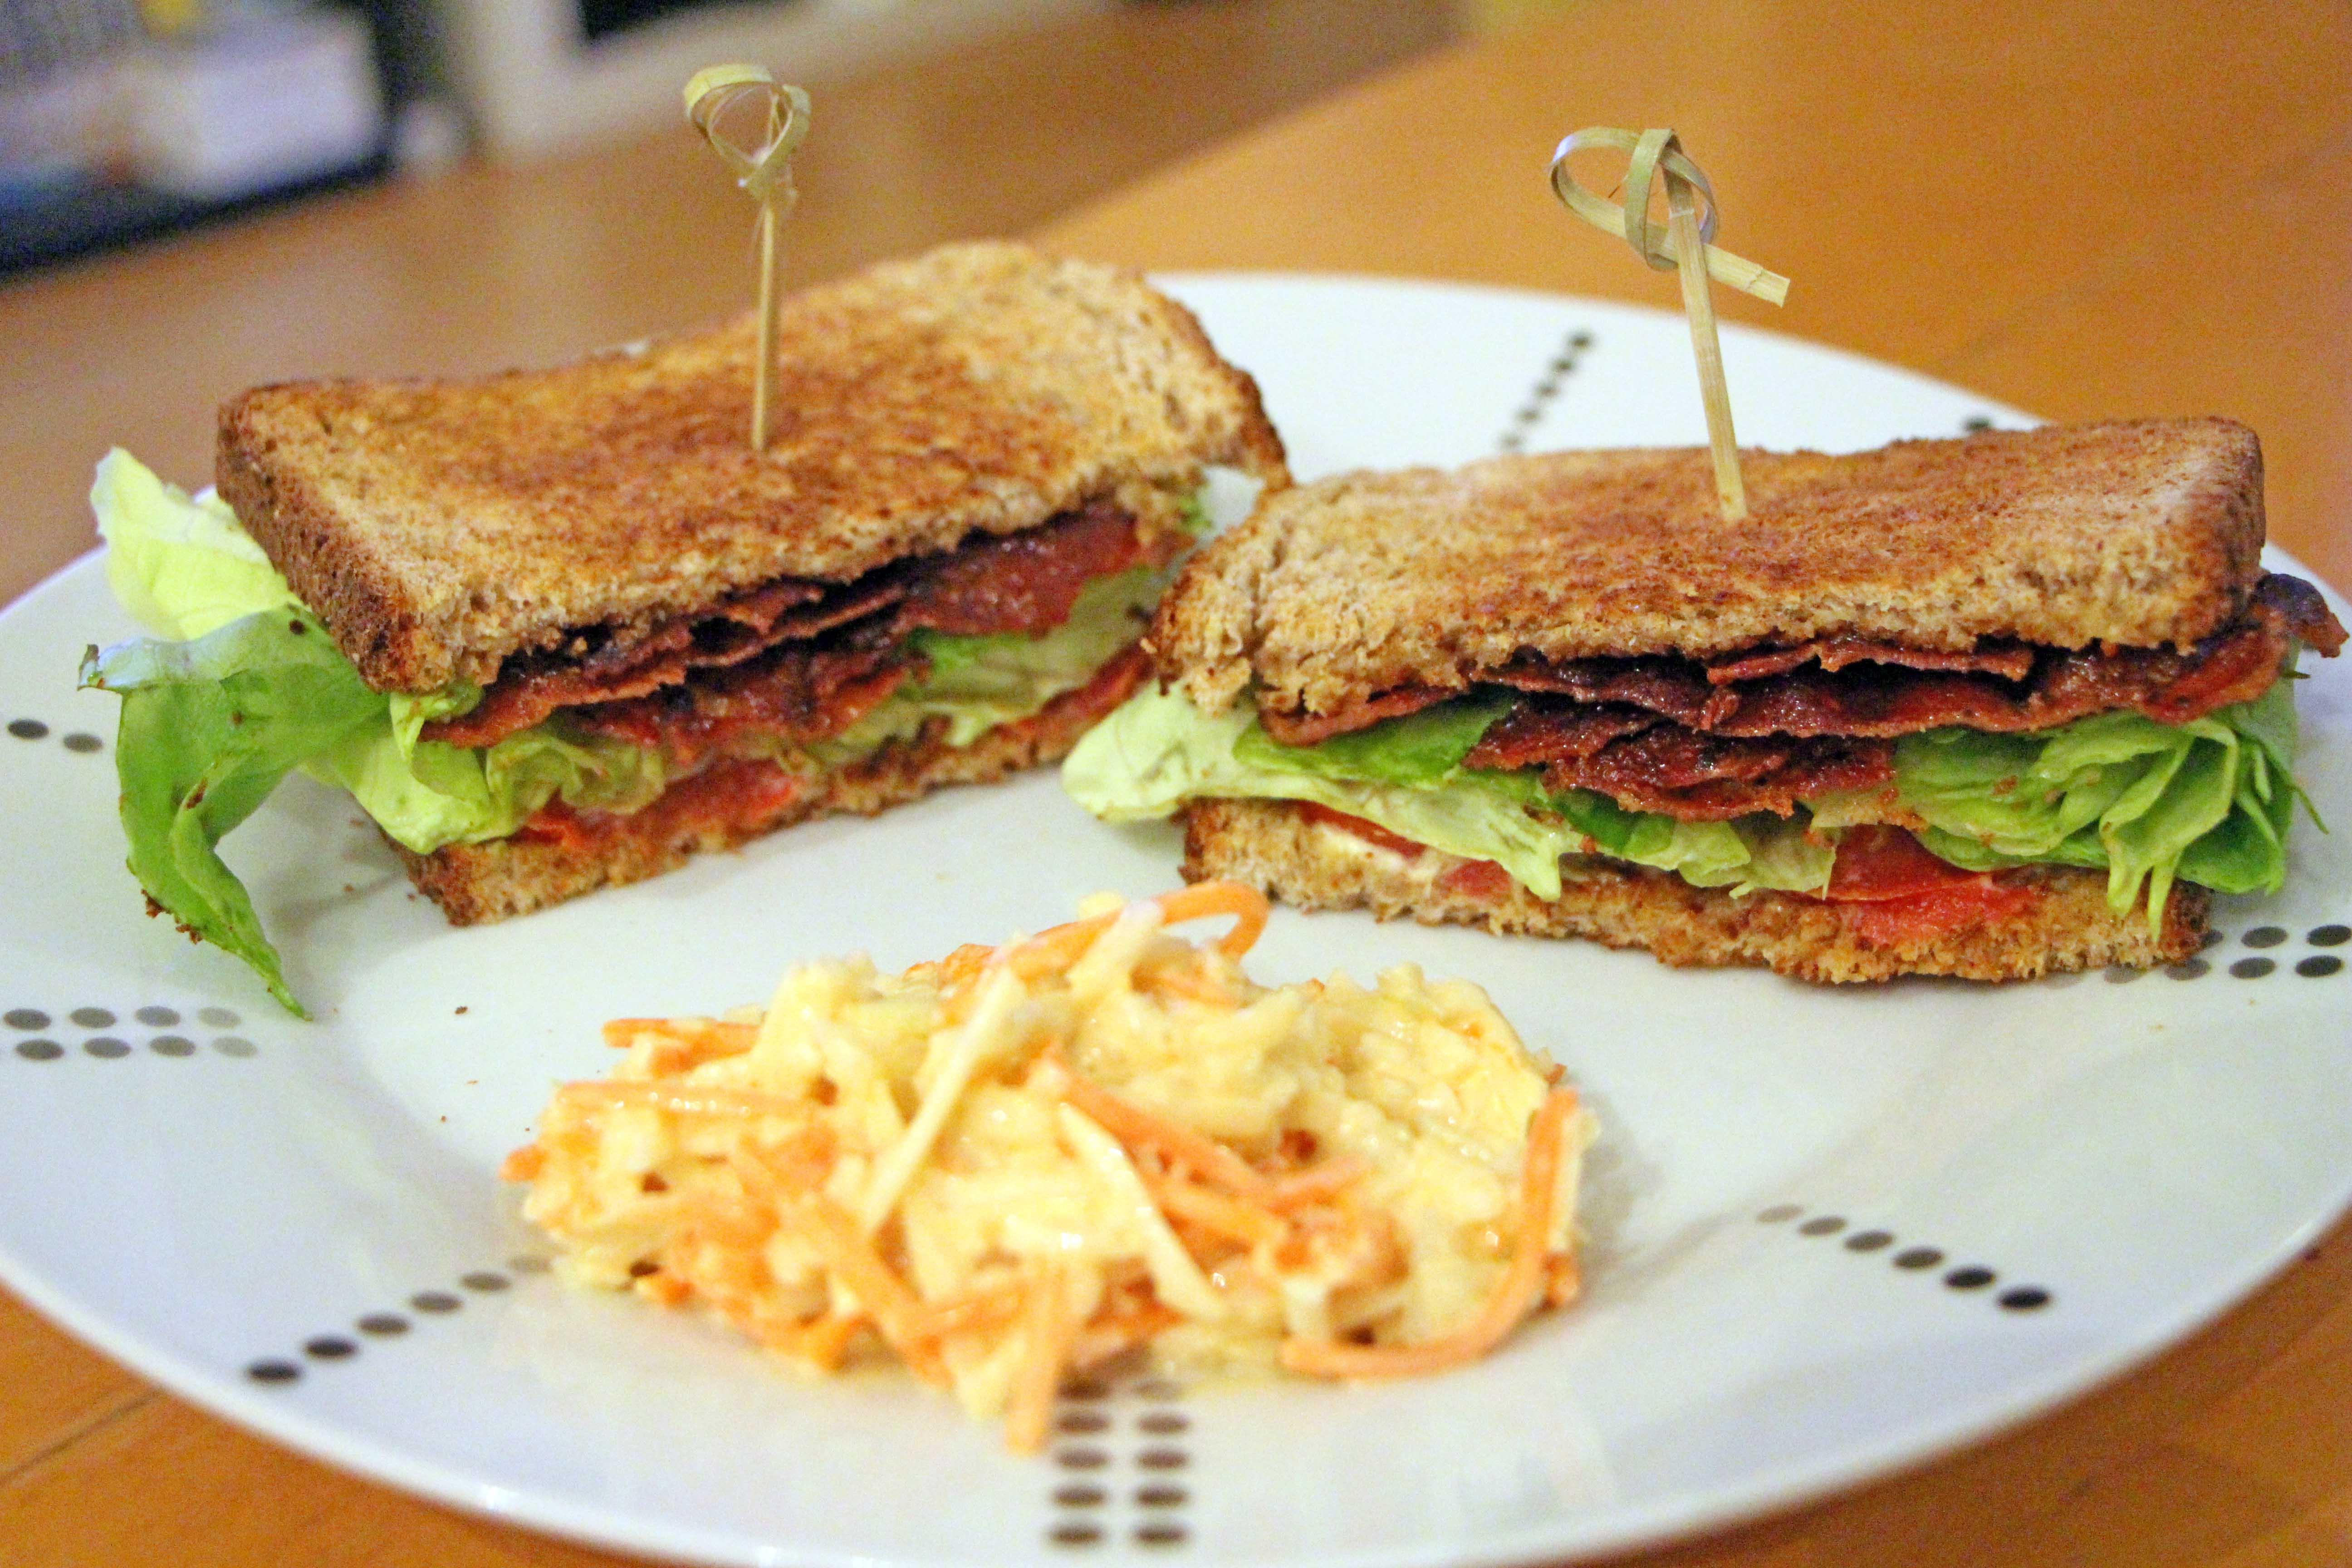 Preparare sandwich club americano al bacon lattuga e pomodoro